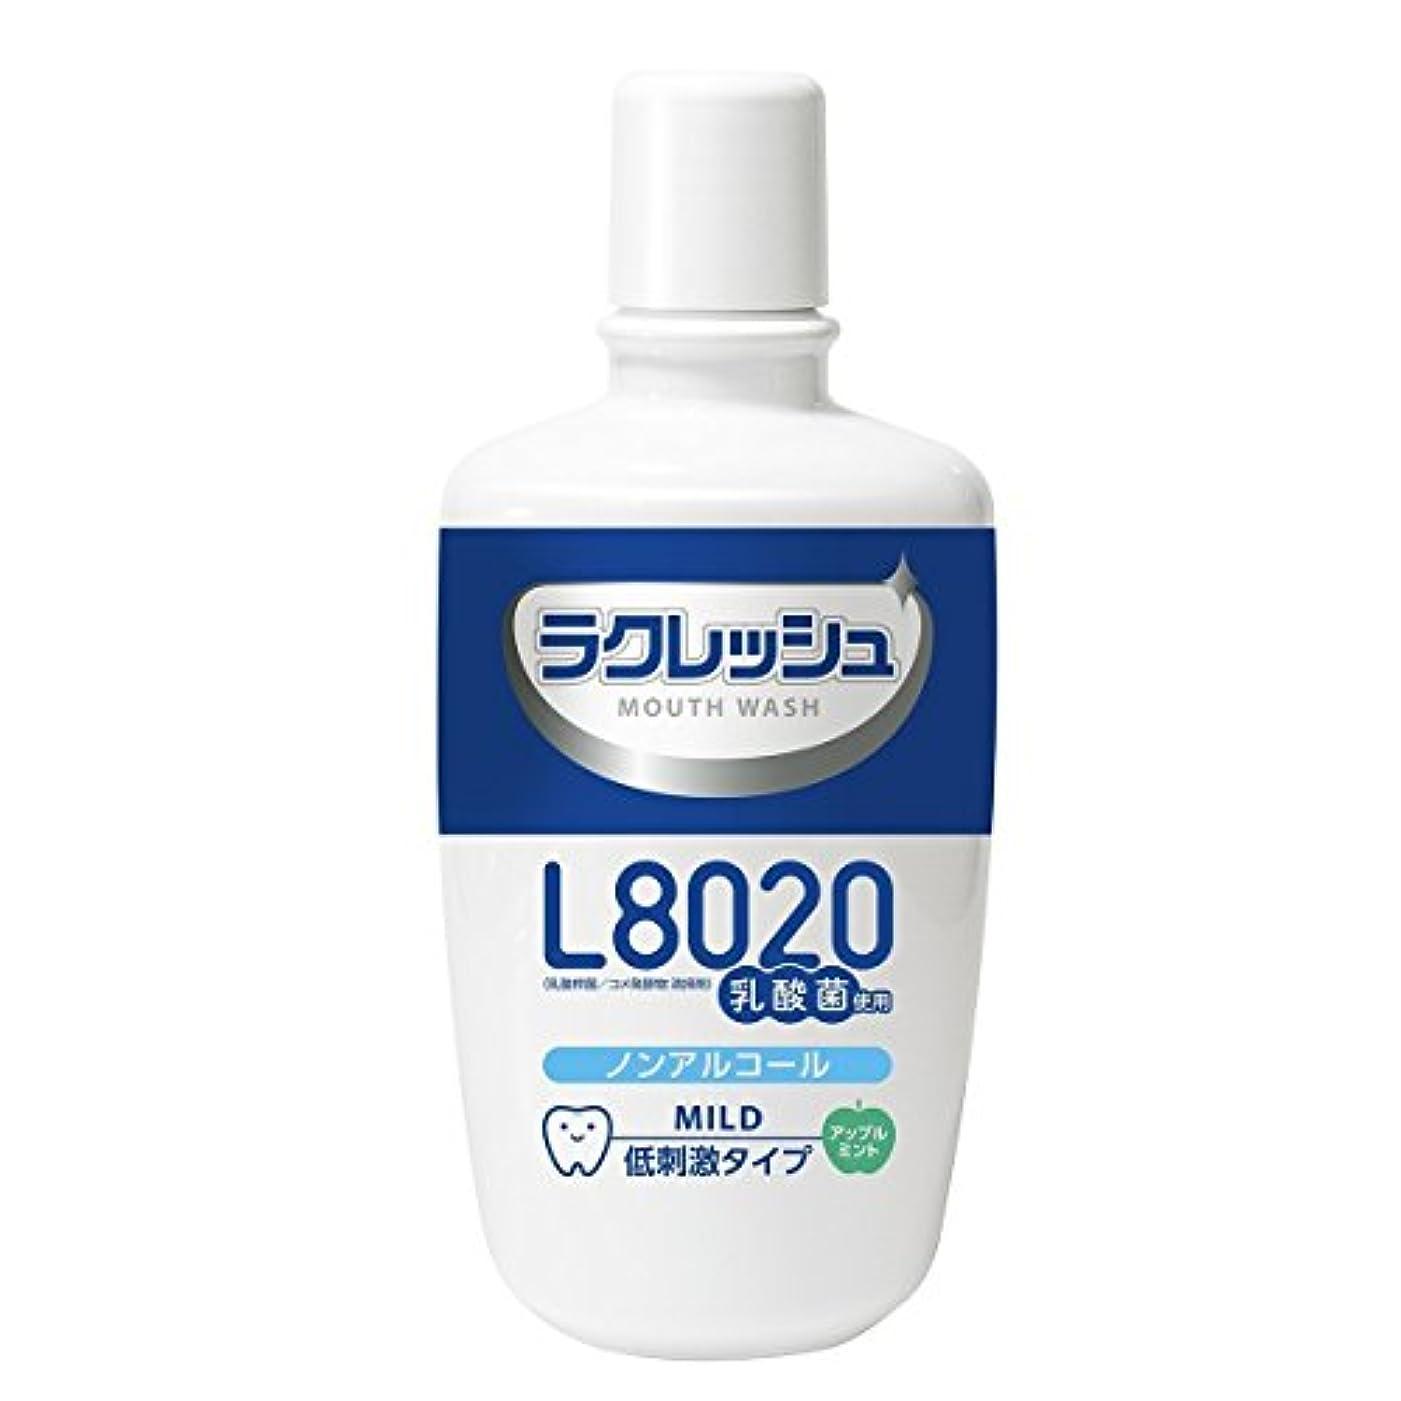 バスシットコムアルファベット順ラクレッシュ L8020菌使用 マウスウォッシュ ノンアルコールタイプ 300mL×15個セット